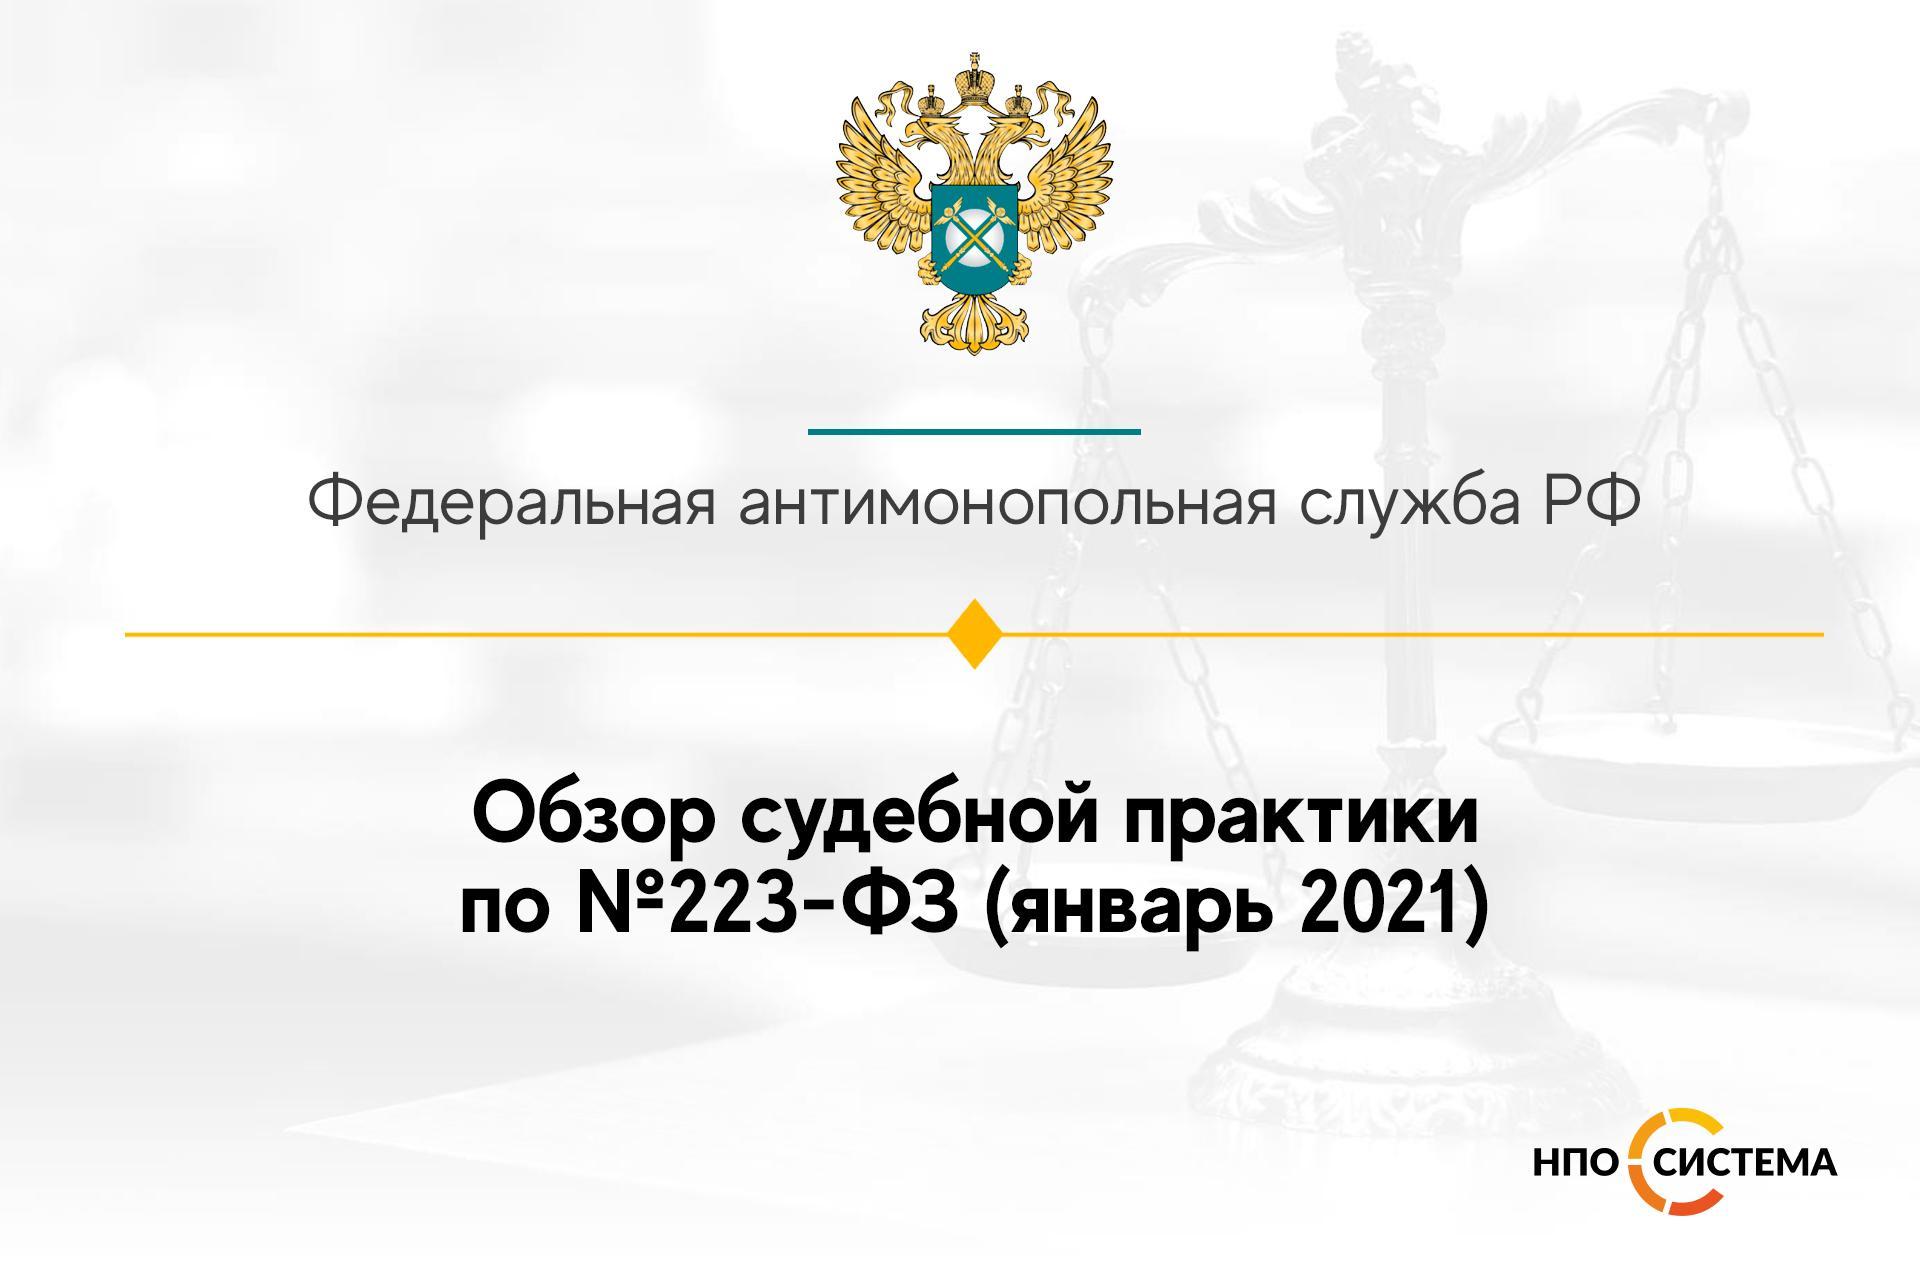 Обзор судебной практики по №223-ФЗ